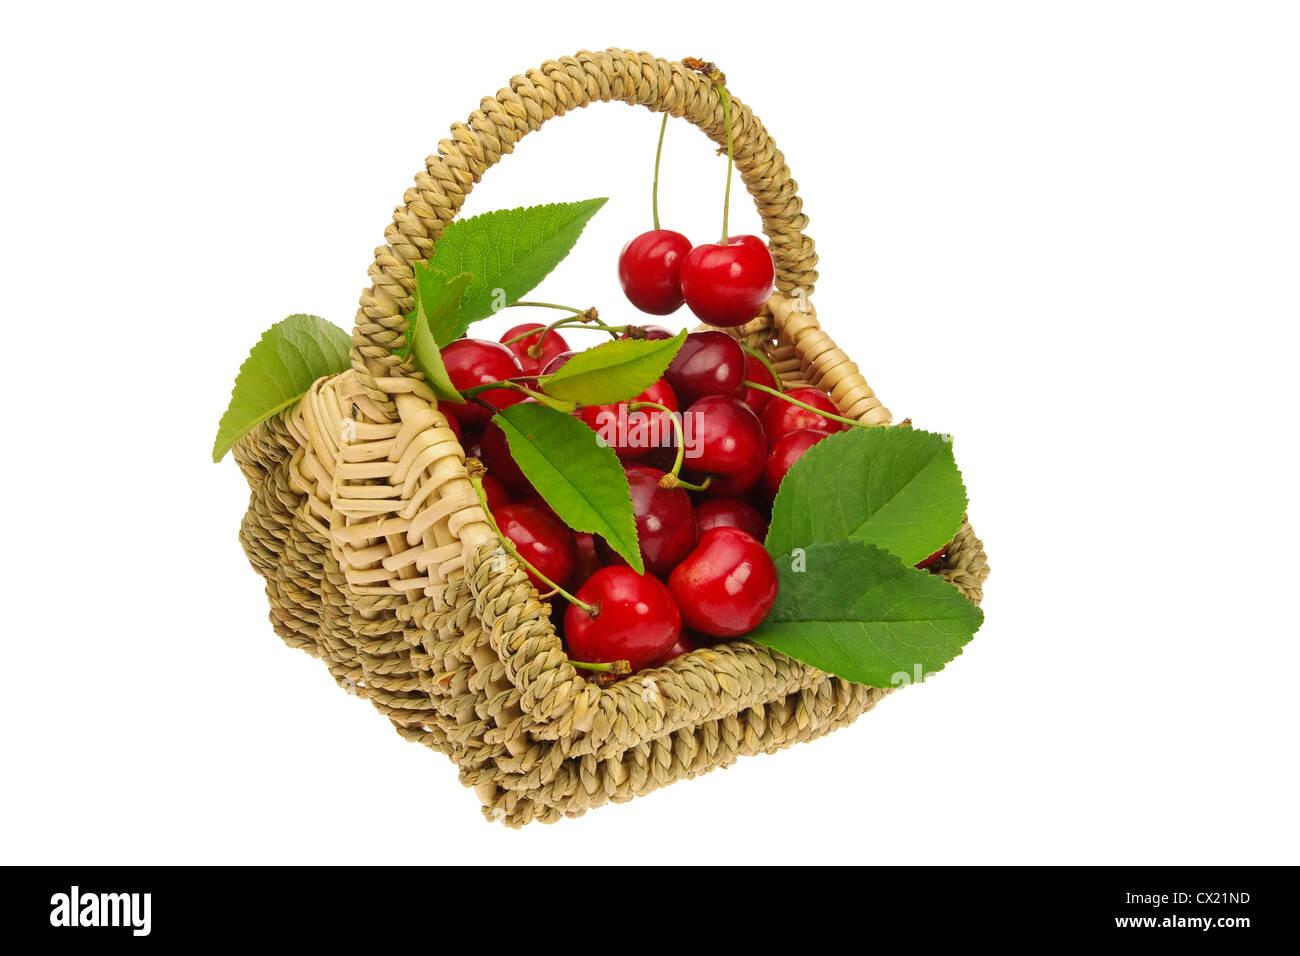 Kirschen im Korb - cherries in basket 01 - Stock Image